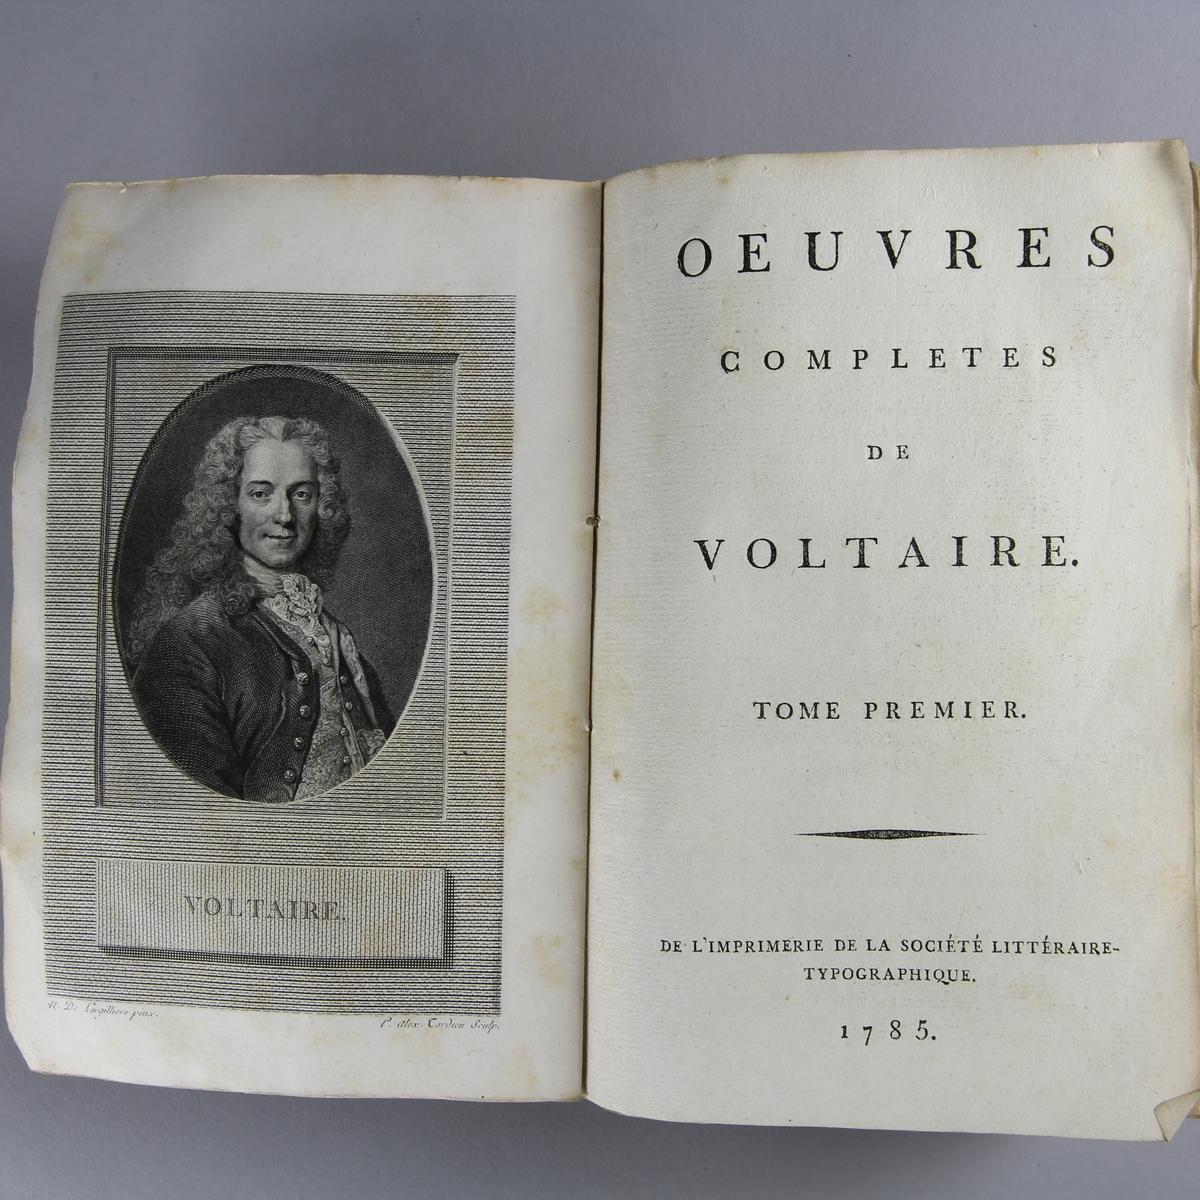 """Bok, häftad,""""Oeuvres complètes de Voltaire."""" del 6, tryckt 1785. Pärm av gråblått papper, skurna snitt. Blekt rygg med pappersetikett med tryckt text med volymens namn och nummer."""